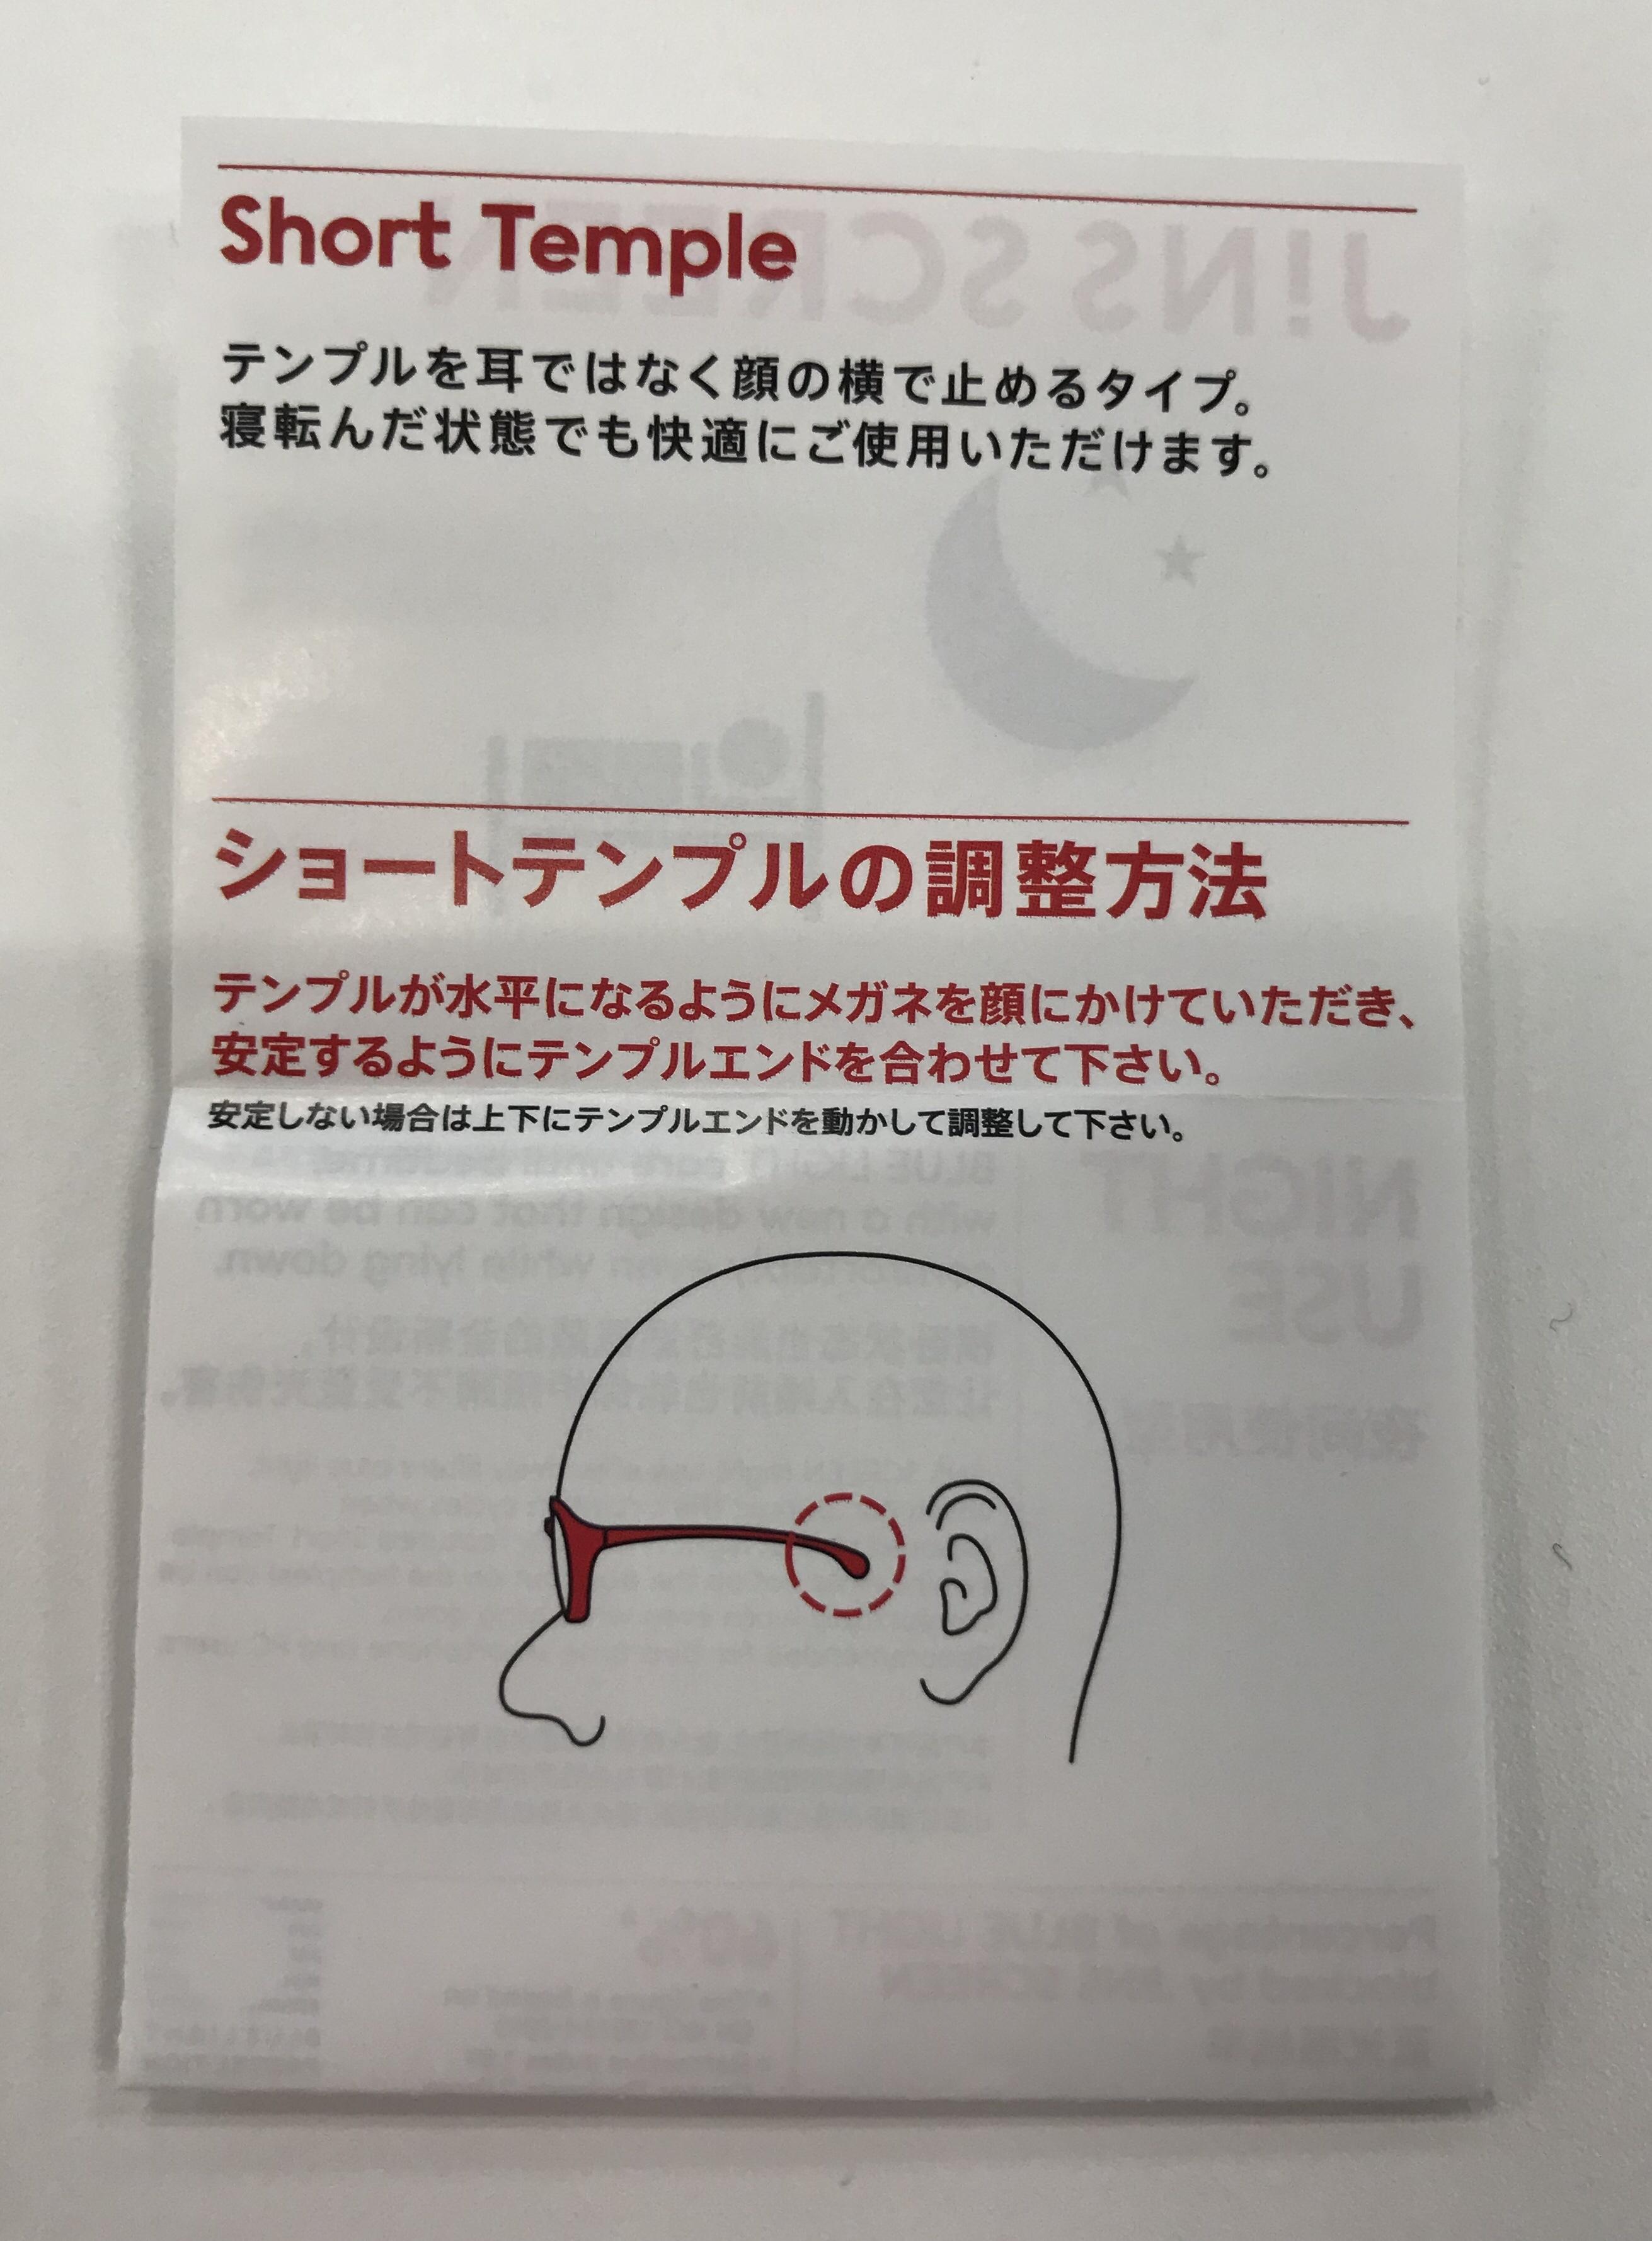 【JINS SCREEN NIGHT USE 60%cut】ナイトユース ショートテンプル